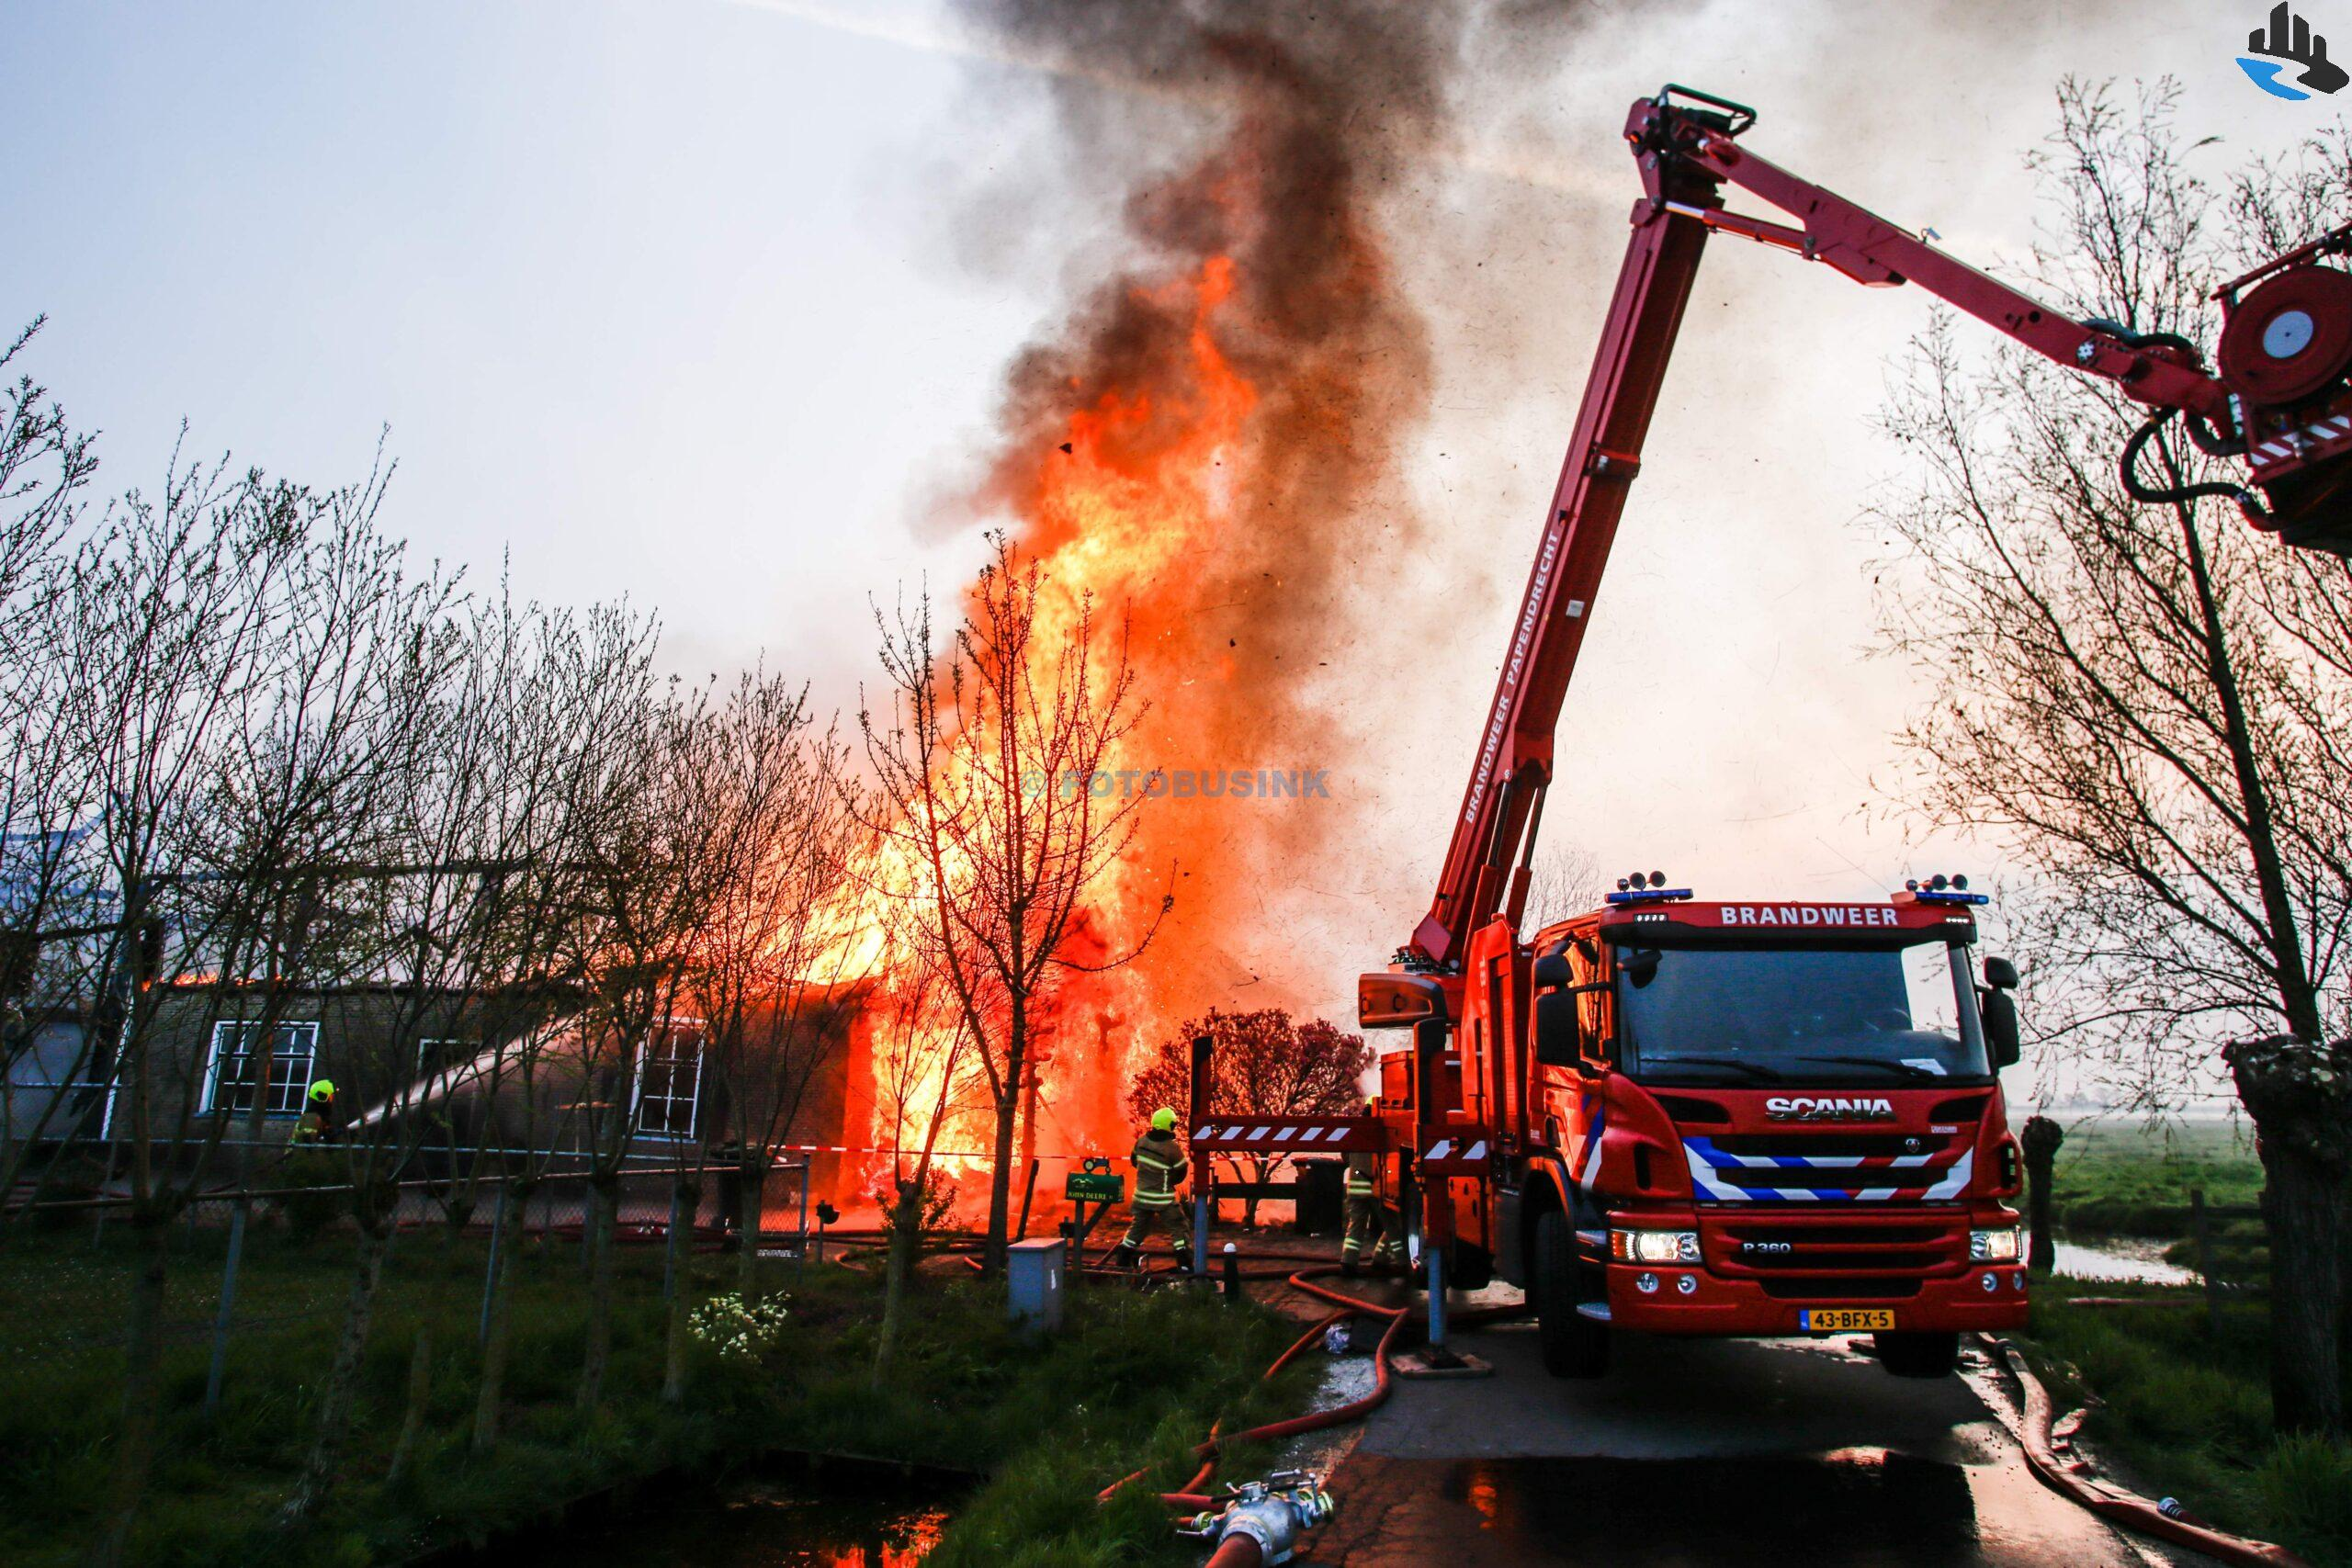 Grote brand verwoest woonboerderij aan de Brandwijksedijk in Brandwijk.